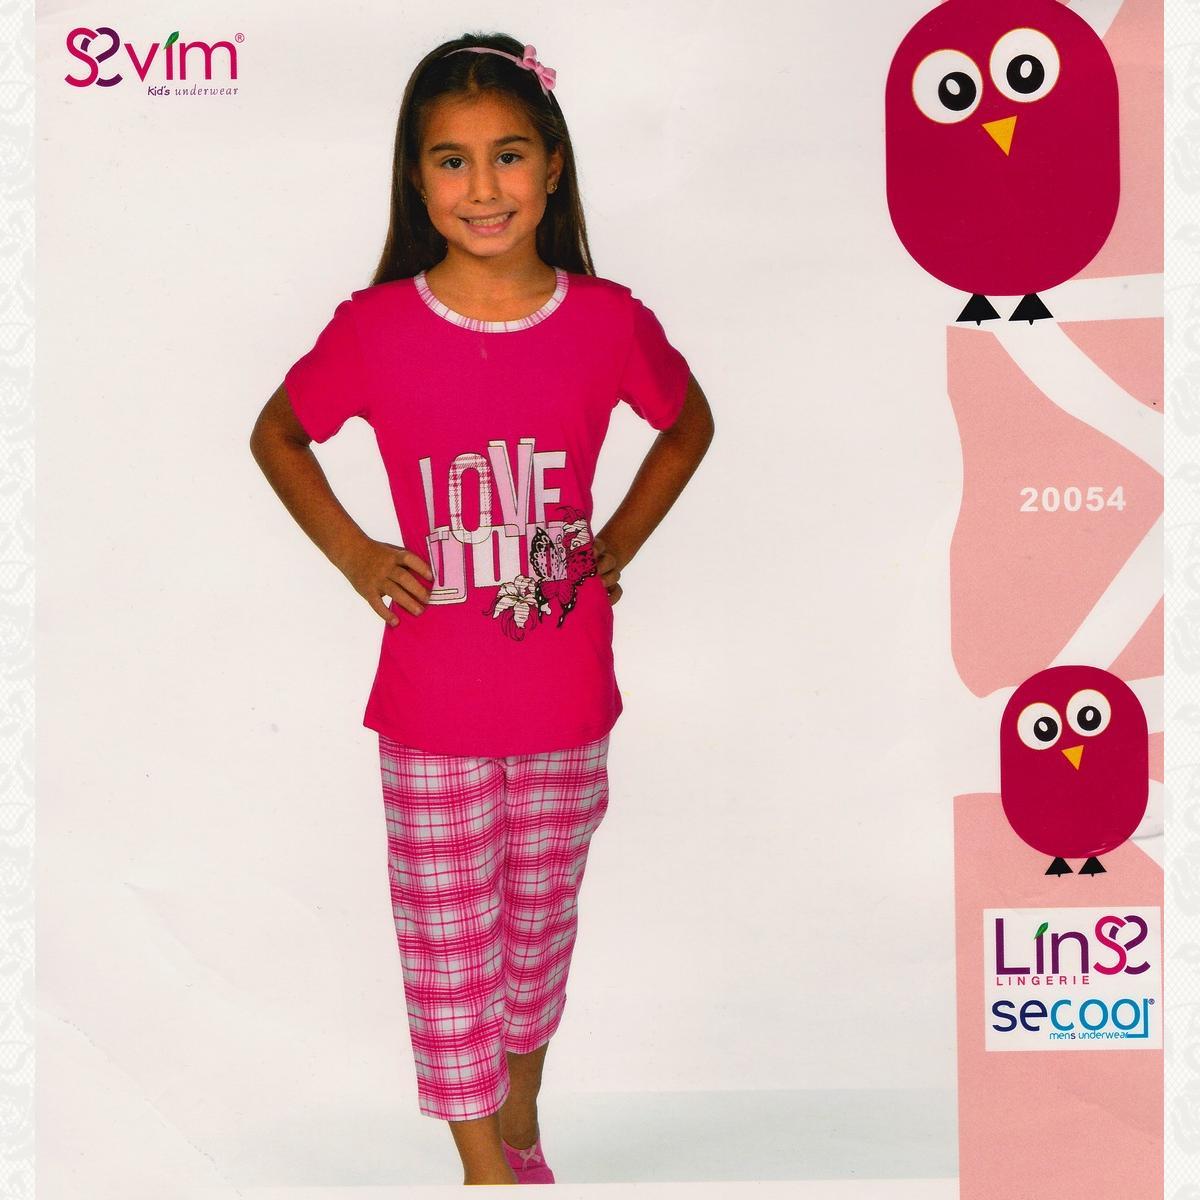 Пижамка девичья, цвет малиновый с фото, 2 шт.